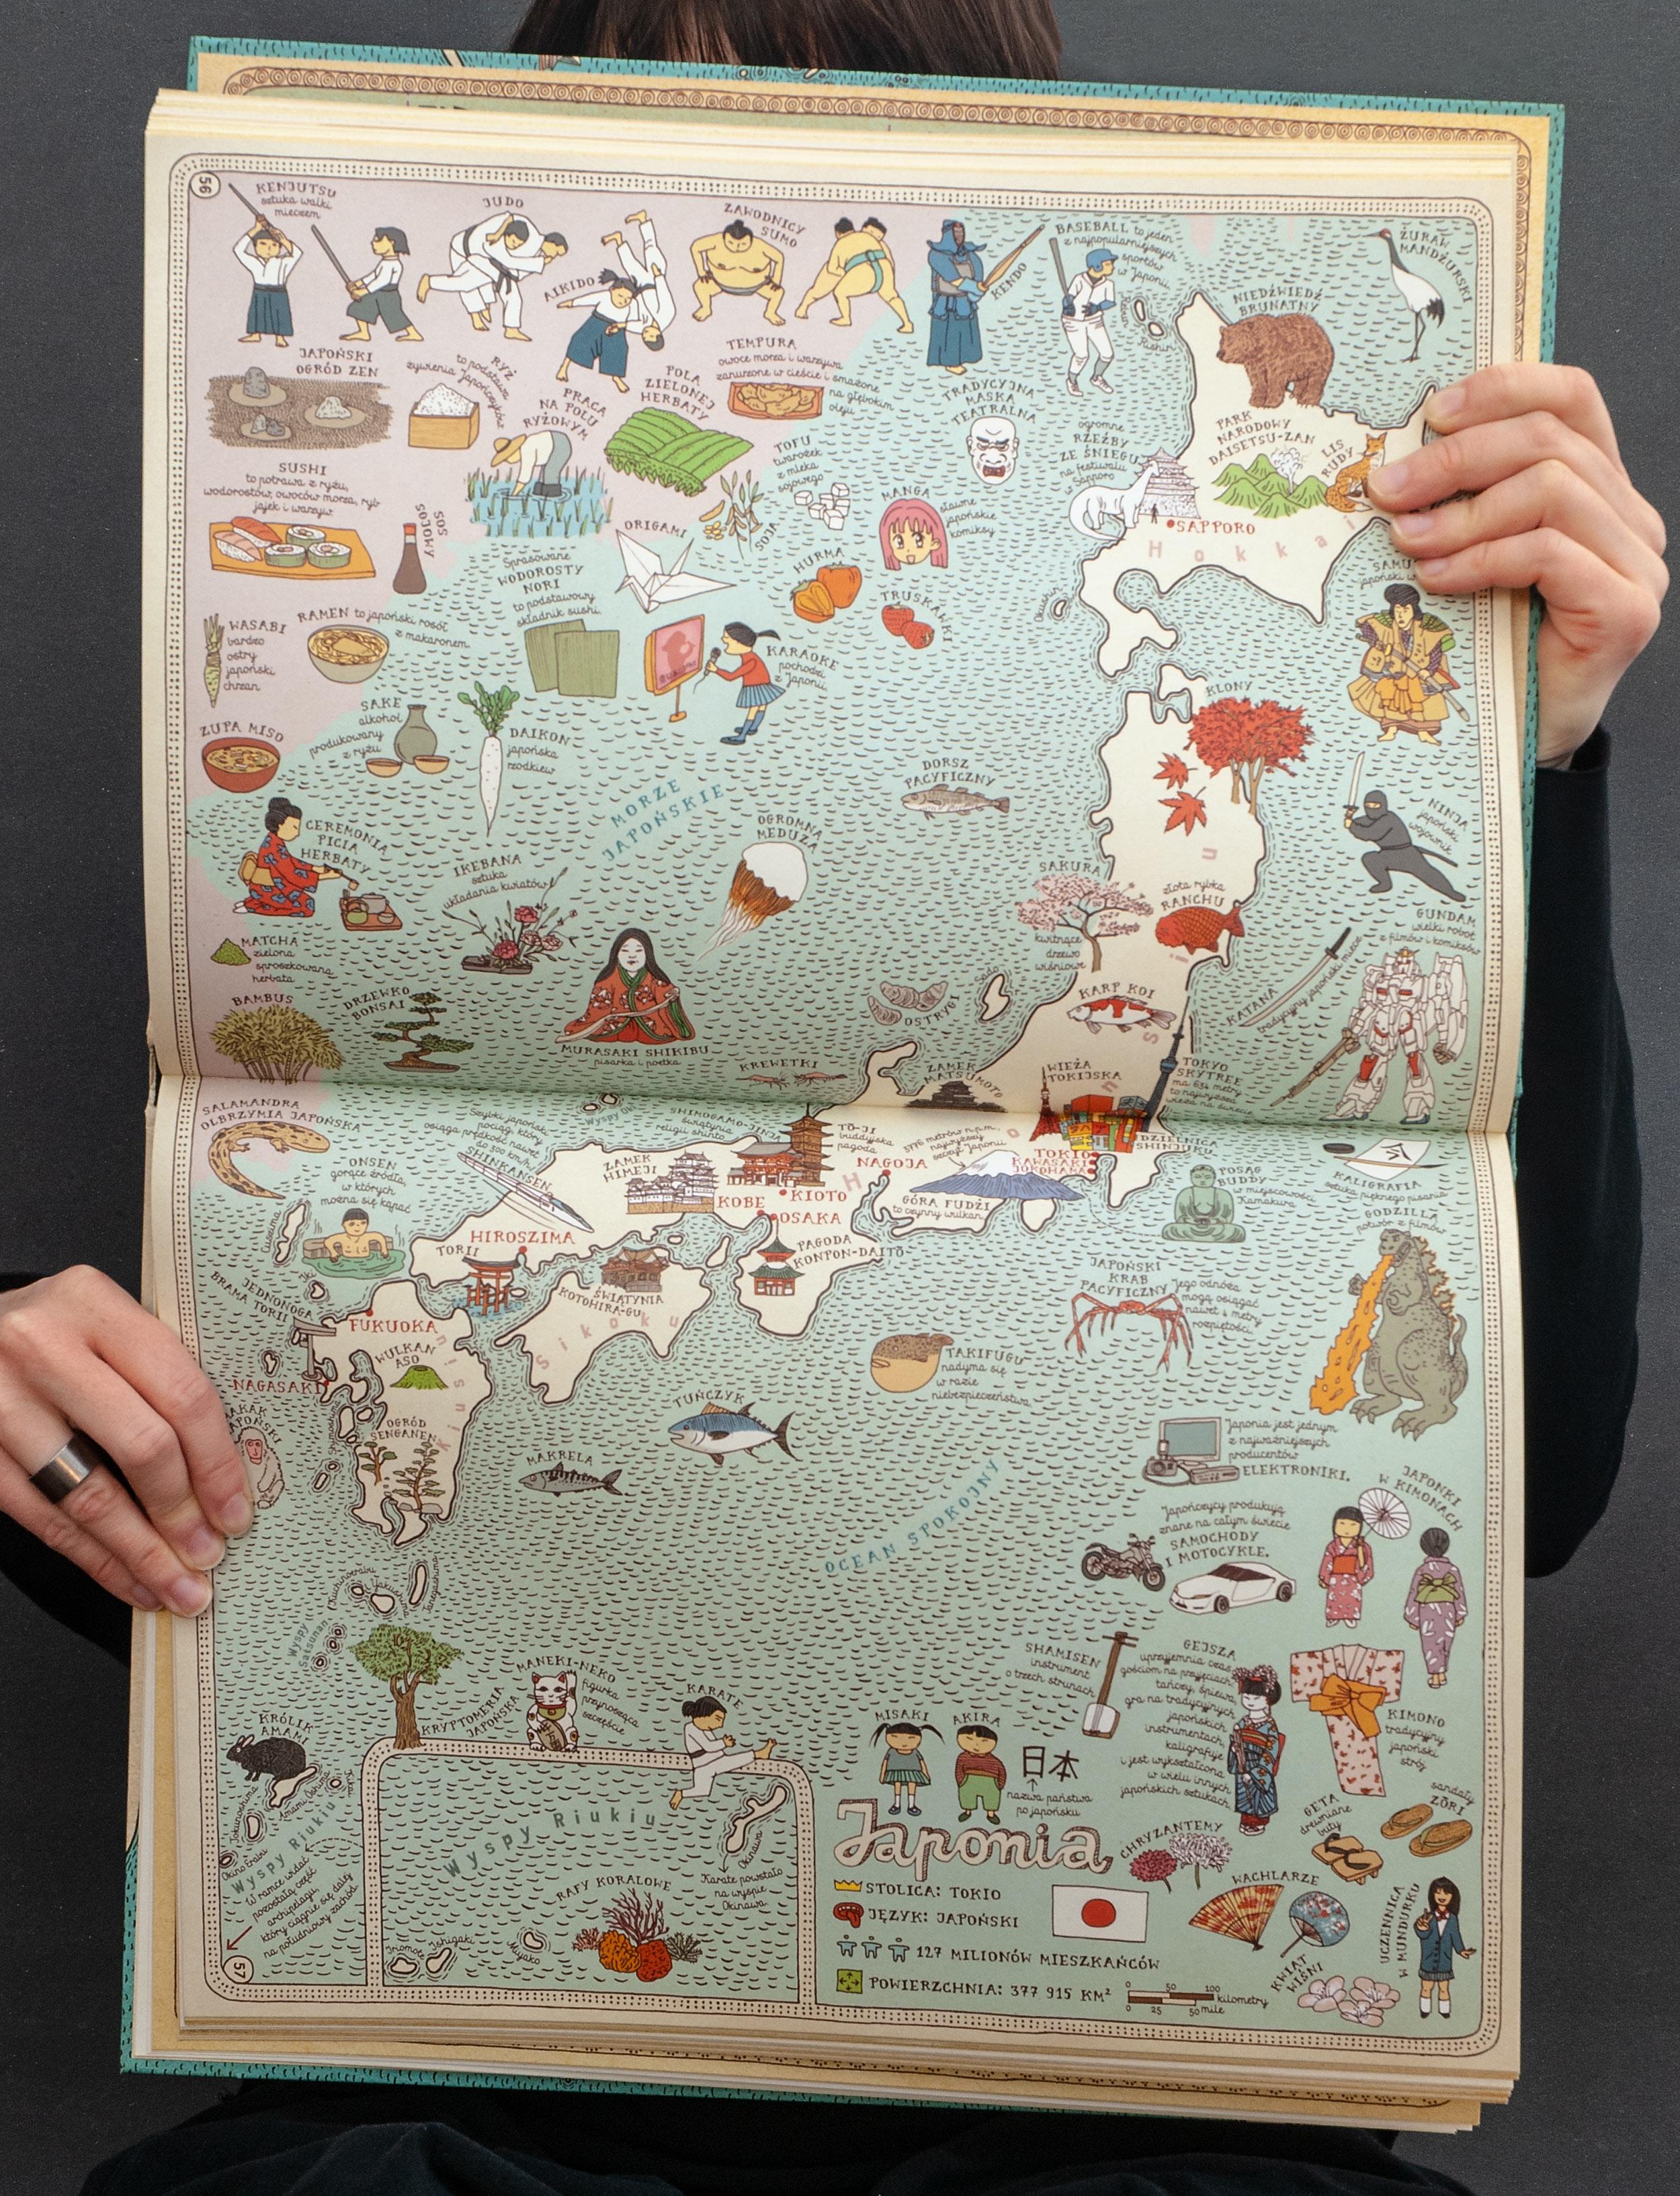 mapy-niebieskie-III-wydanie-08.jpg